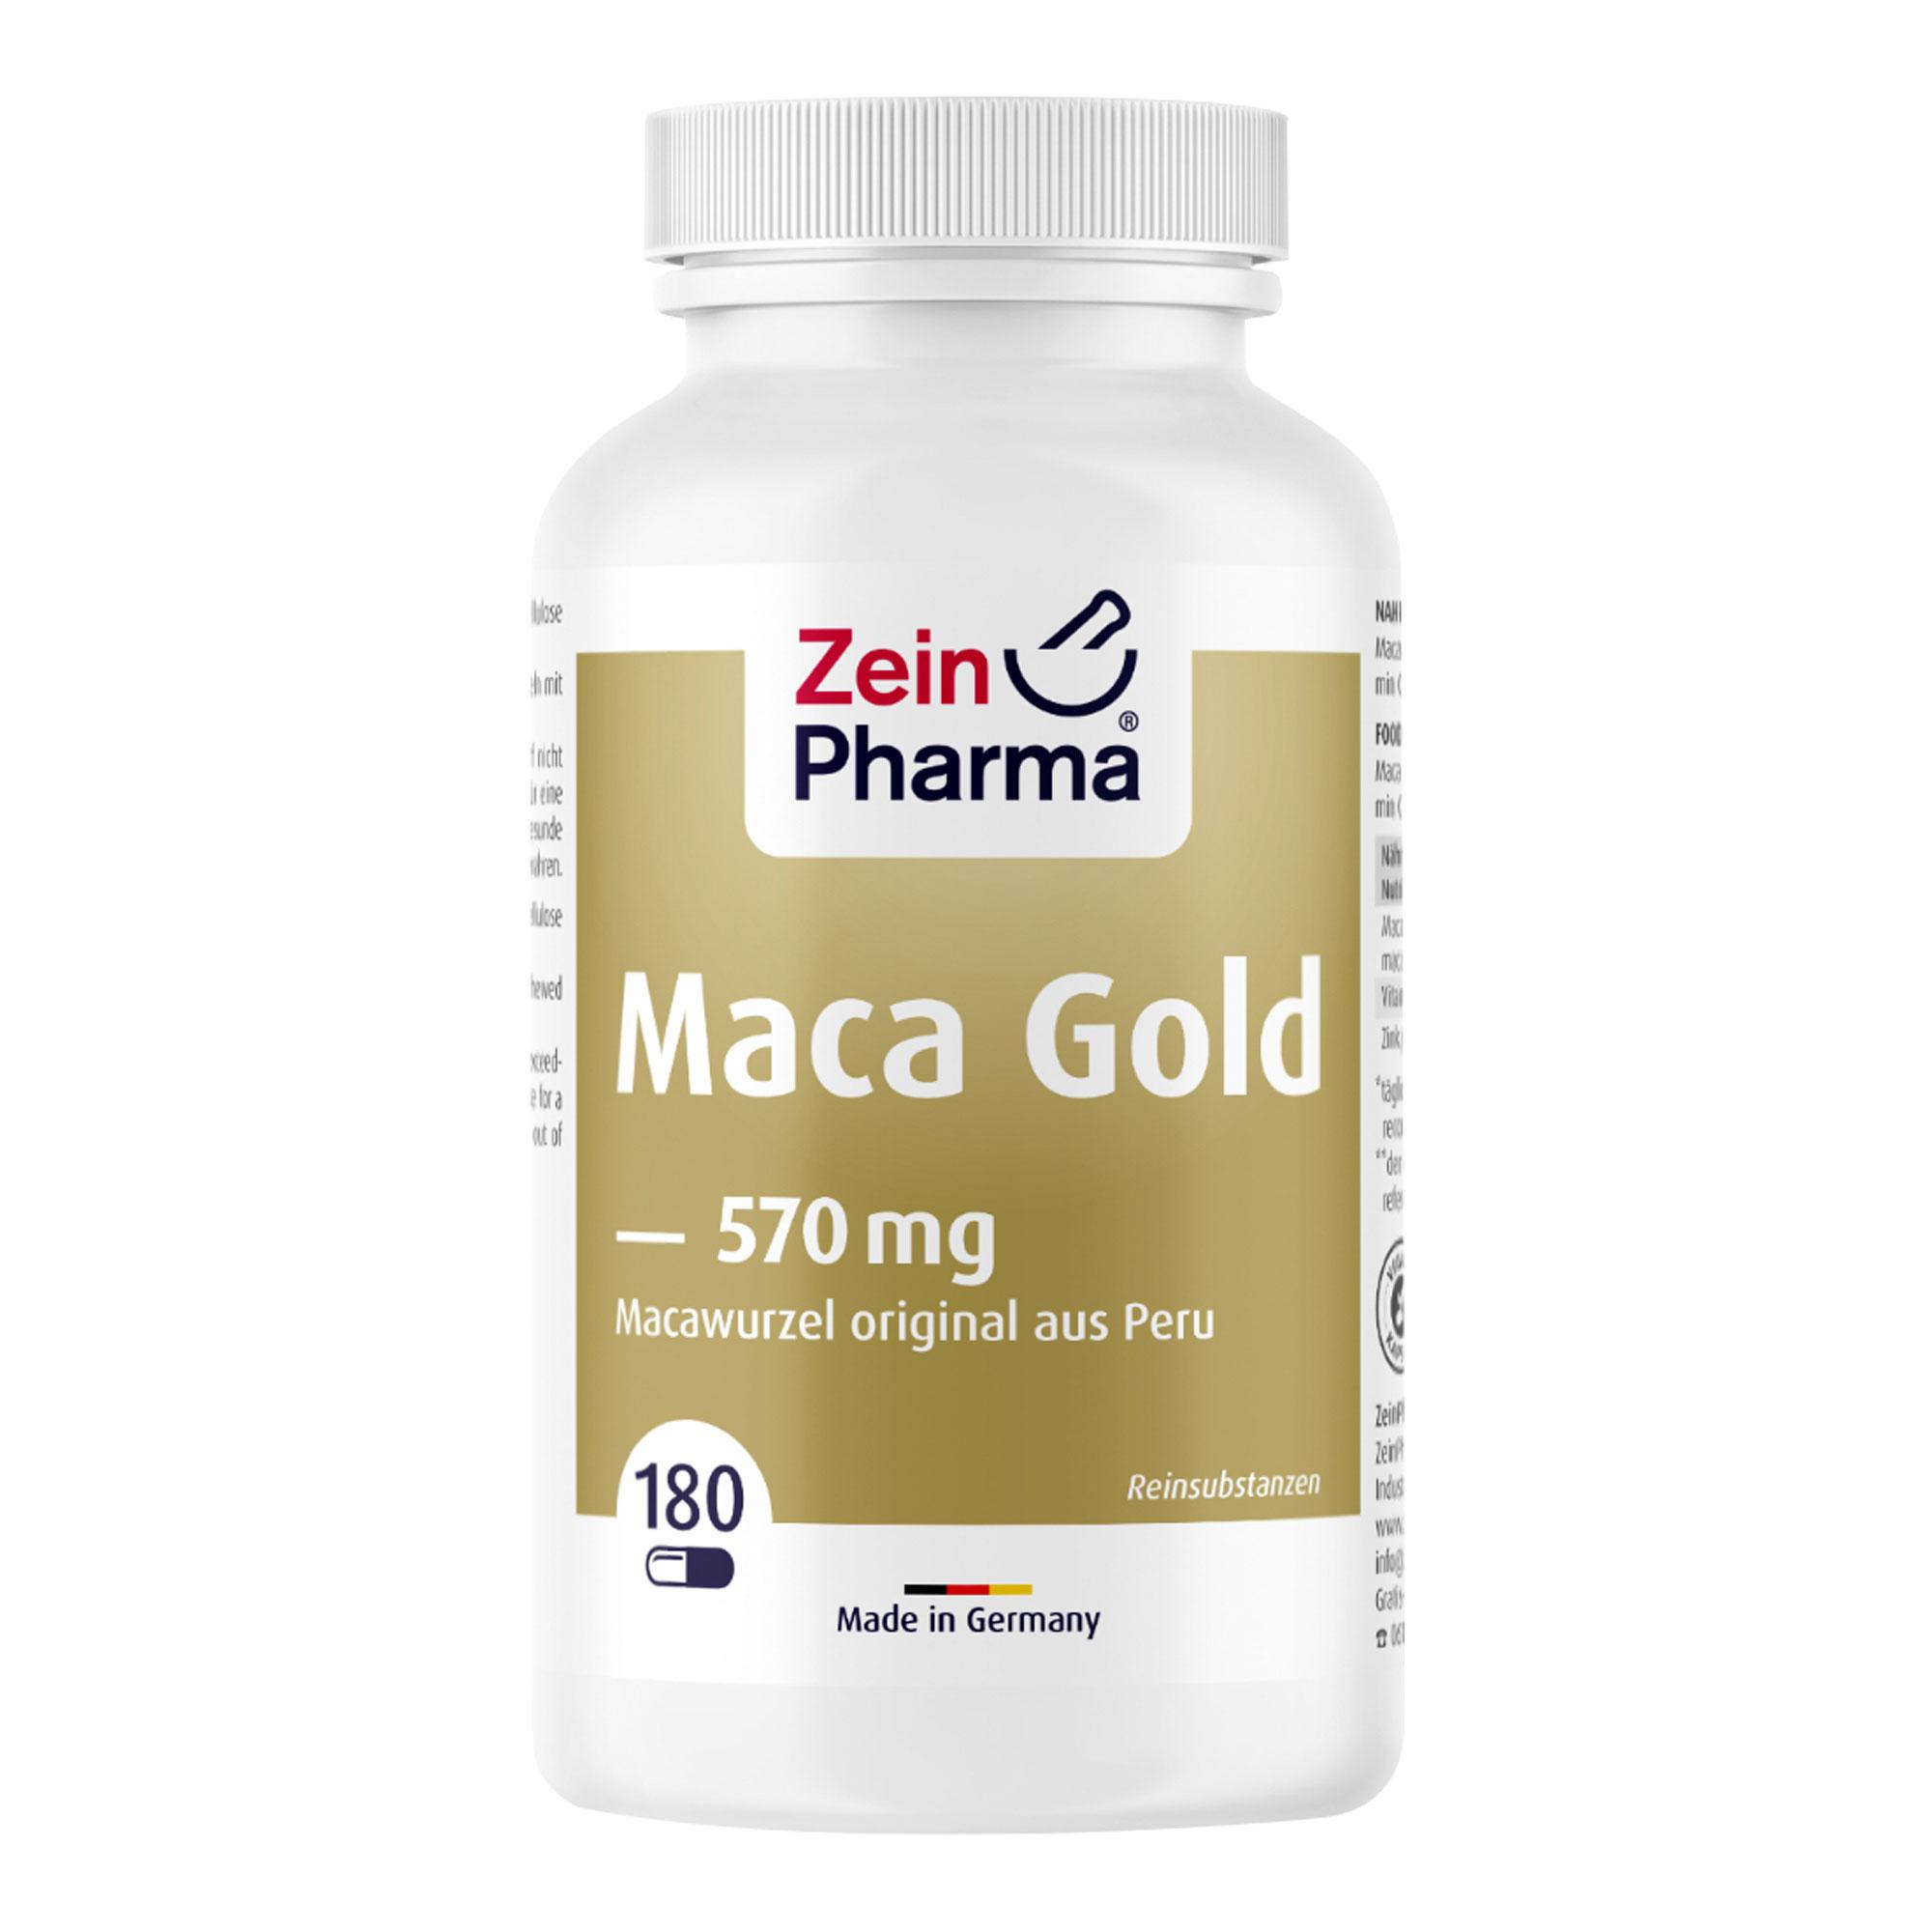 Maca Gold 570 mg vegetarische Kapseln